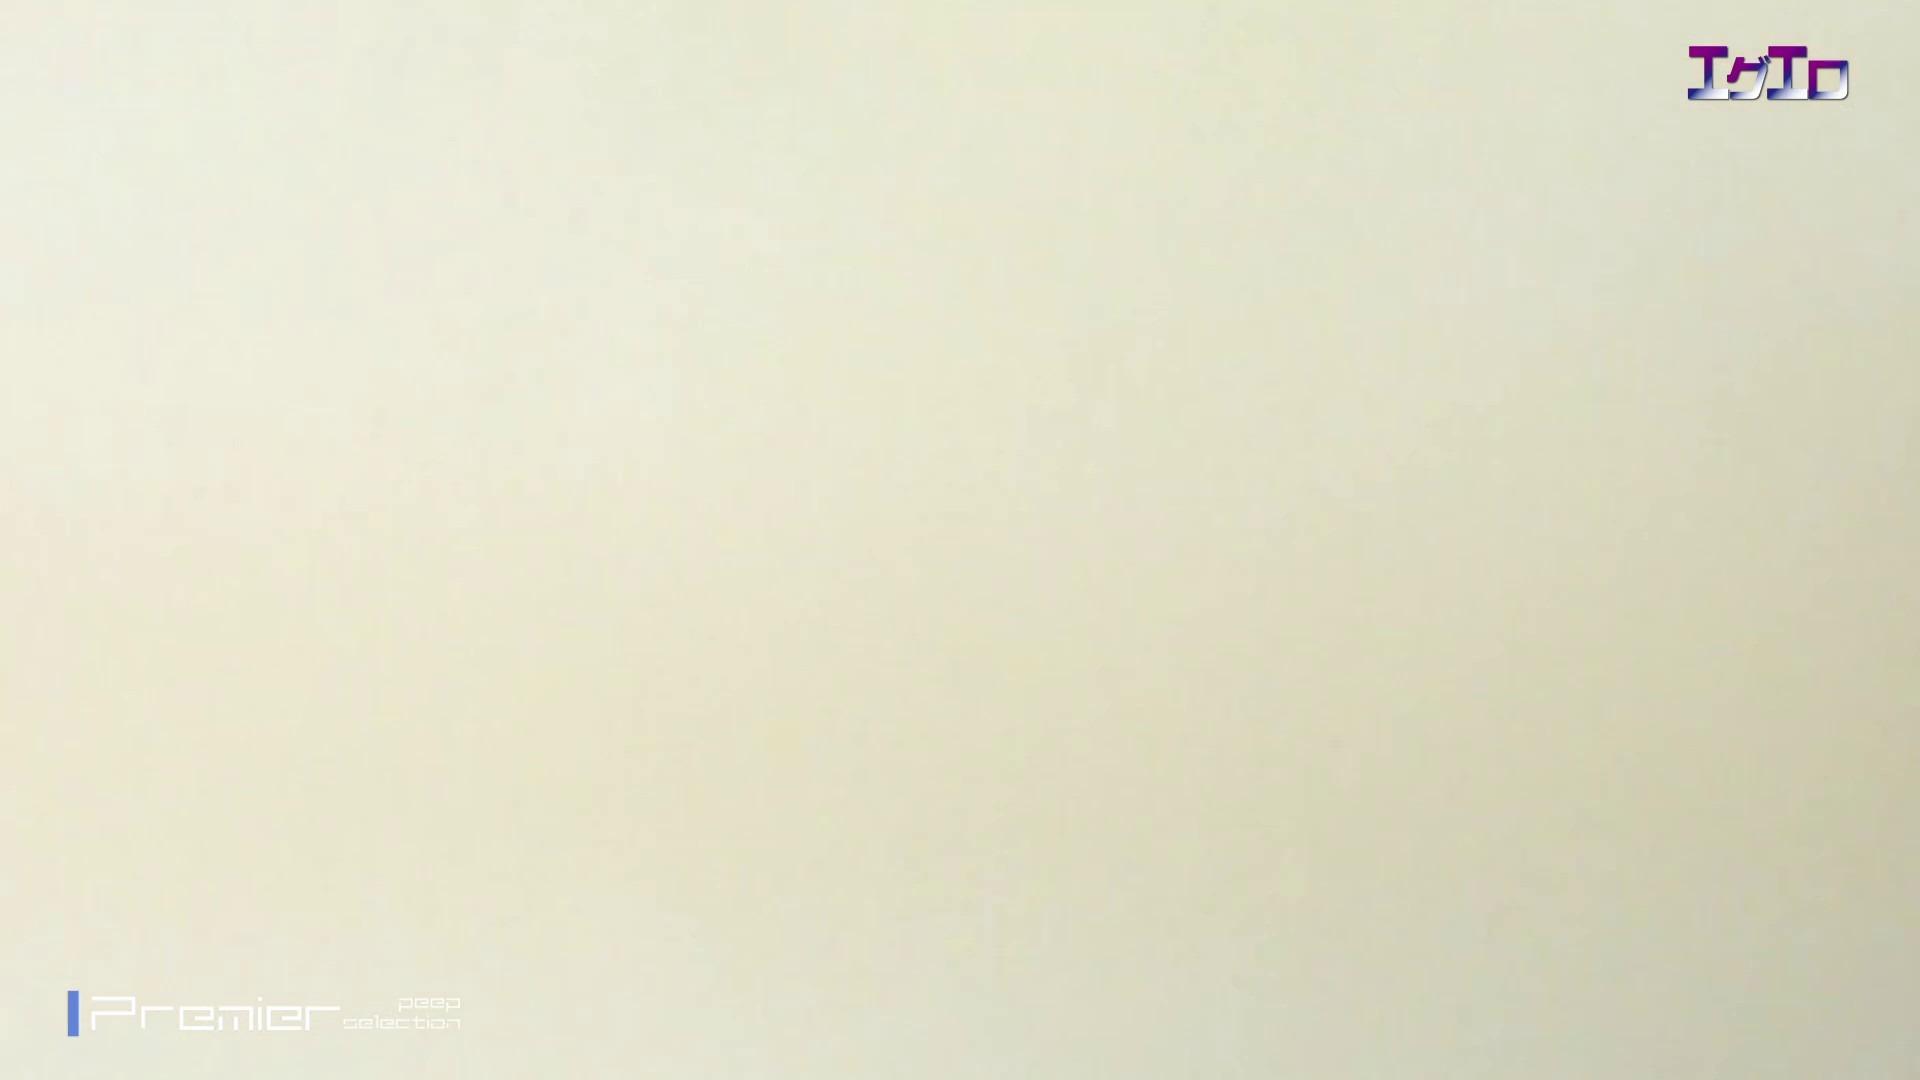 執念の撮影&追撮!!某女子校の通学路にあるトイレ 至近距離洗面所 Vol.16 リアルトイレ  101Pix 46